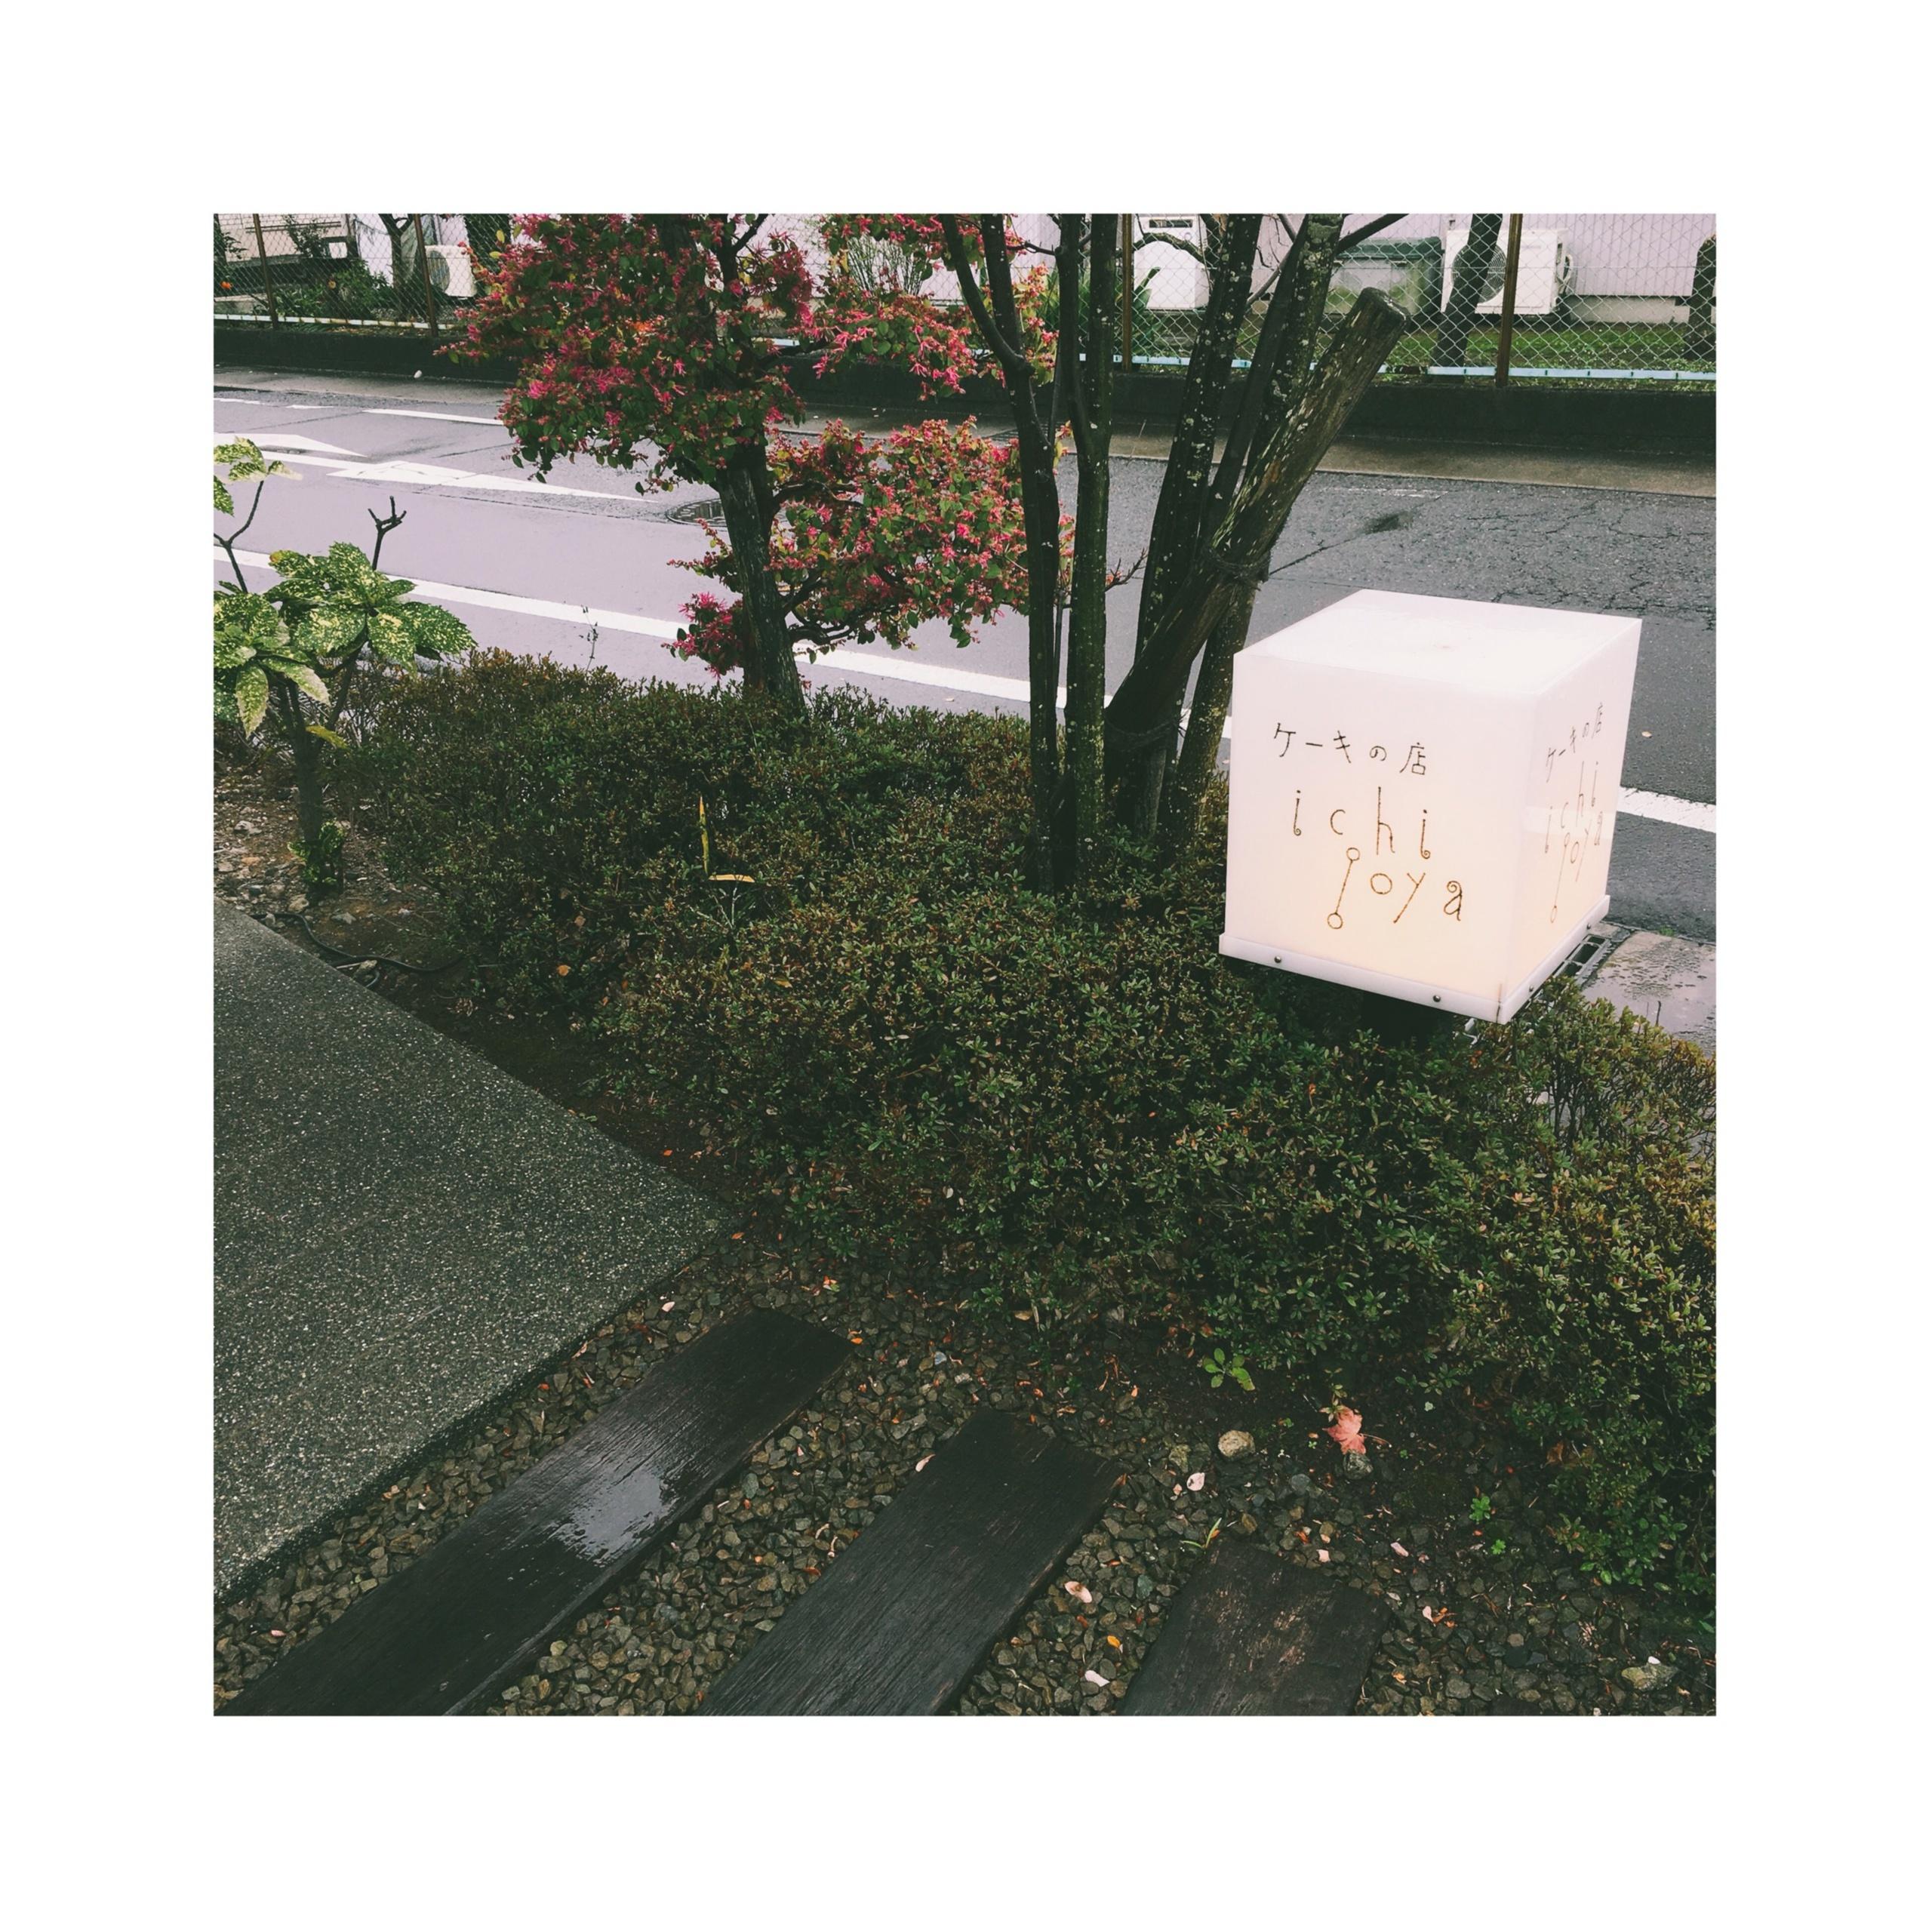 《ご当地MORE★静岡》素材にこだわったあっさりケーキ!住宅街に佇む隠れ家的ケーキ屋さん【ichigoya】が絶品❤️_1